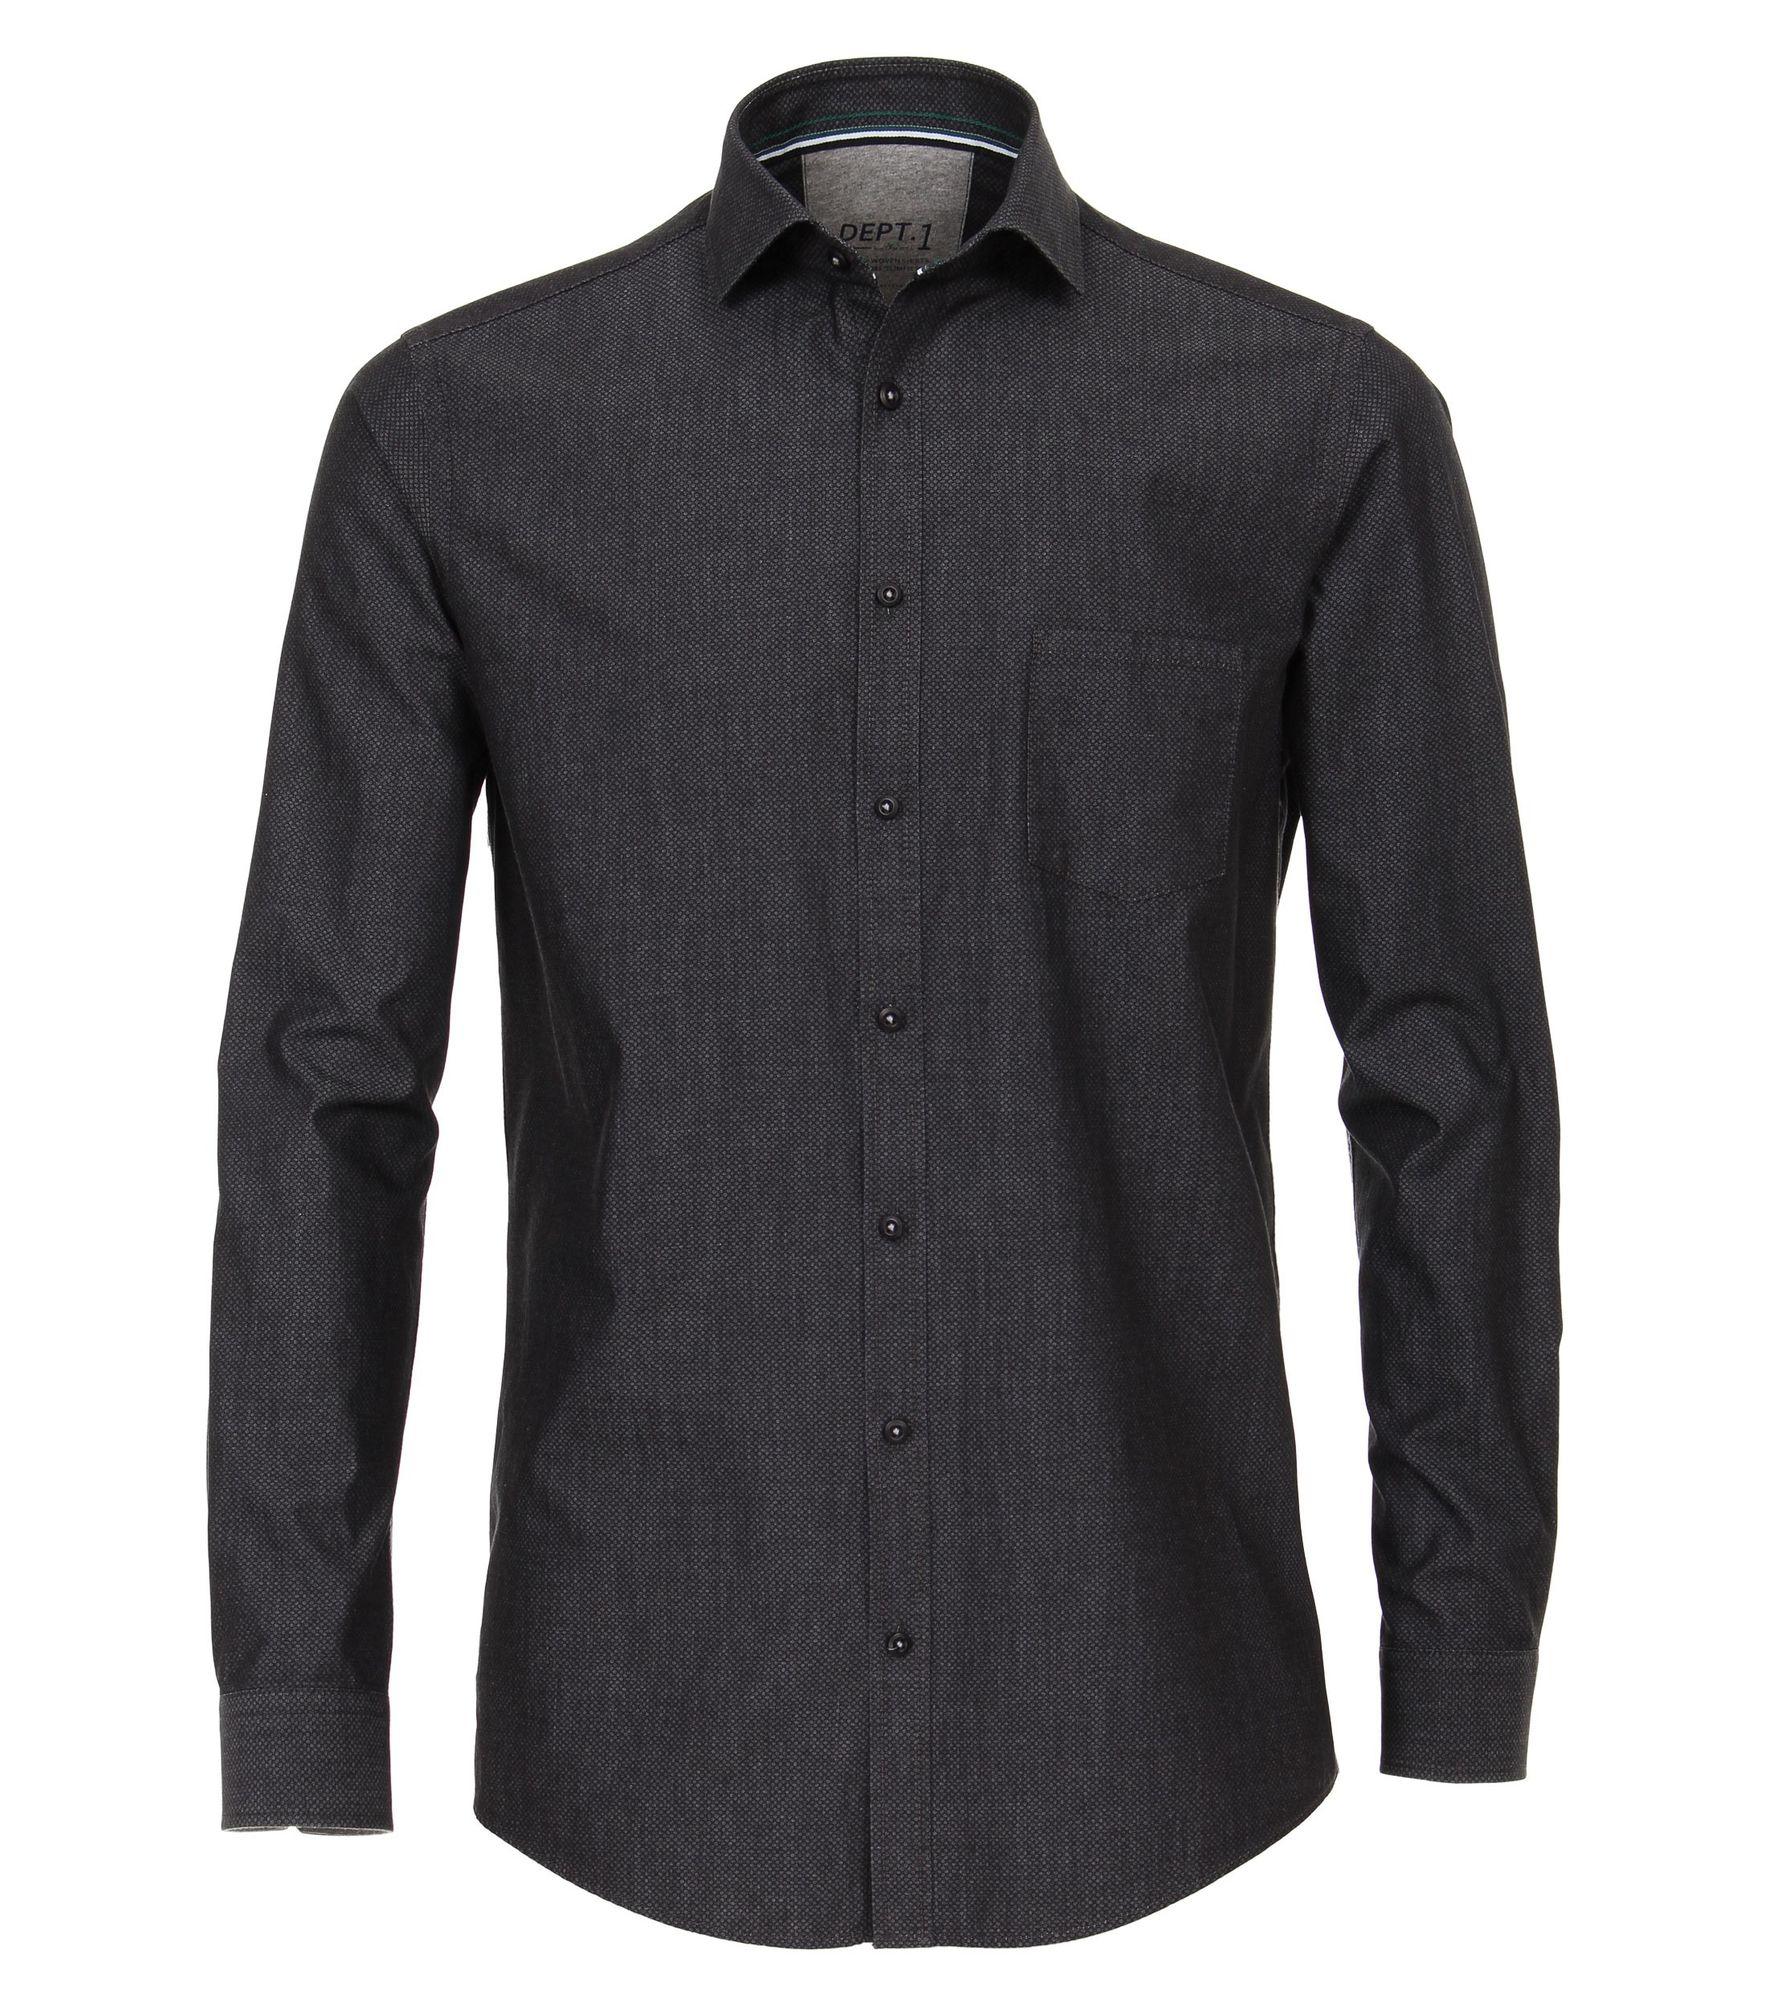 online retailer c3ae1 bc758 Venti - Slim Fit Stretch - Herren Hemd mit modischem Druck mit Hai-Kragen  in anthrazit (183057100)